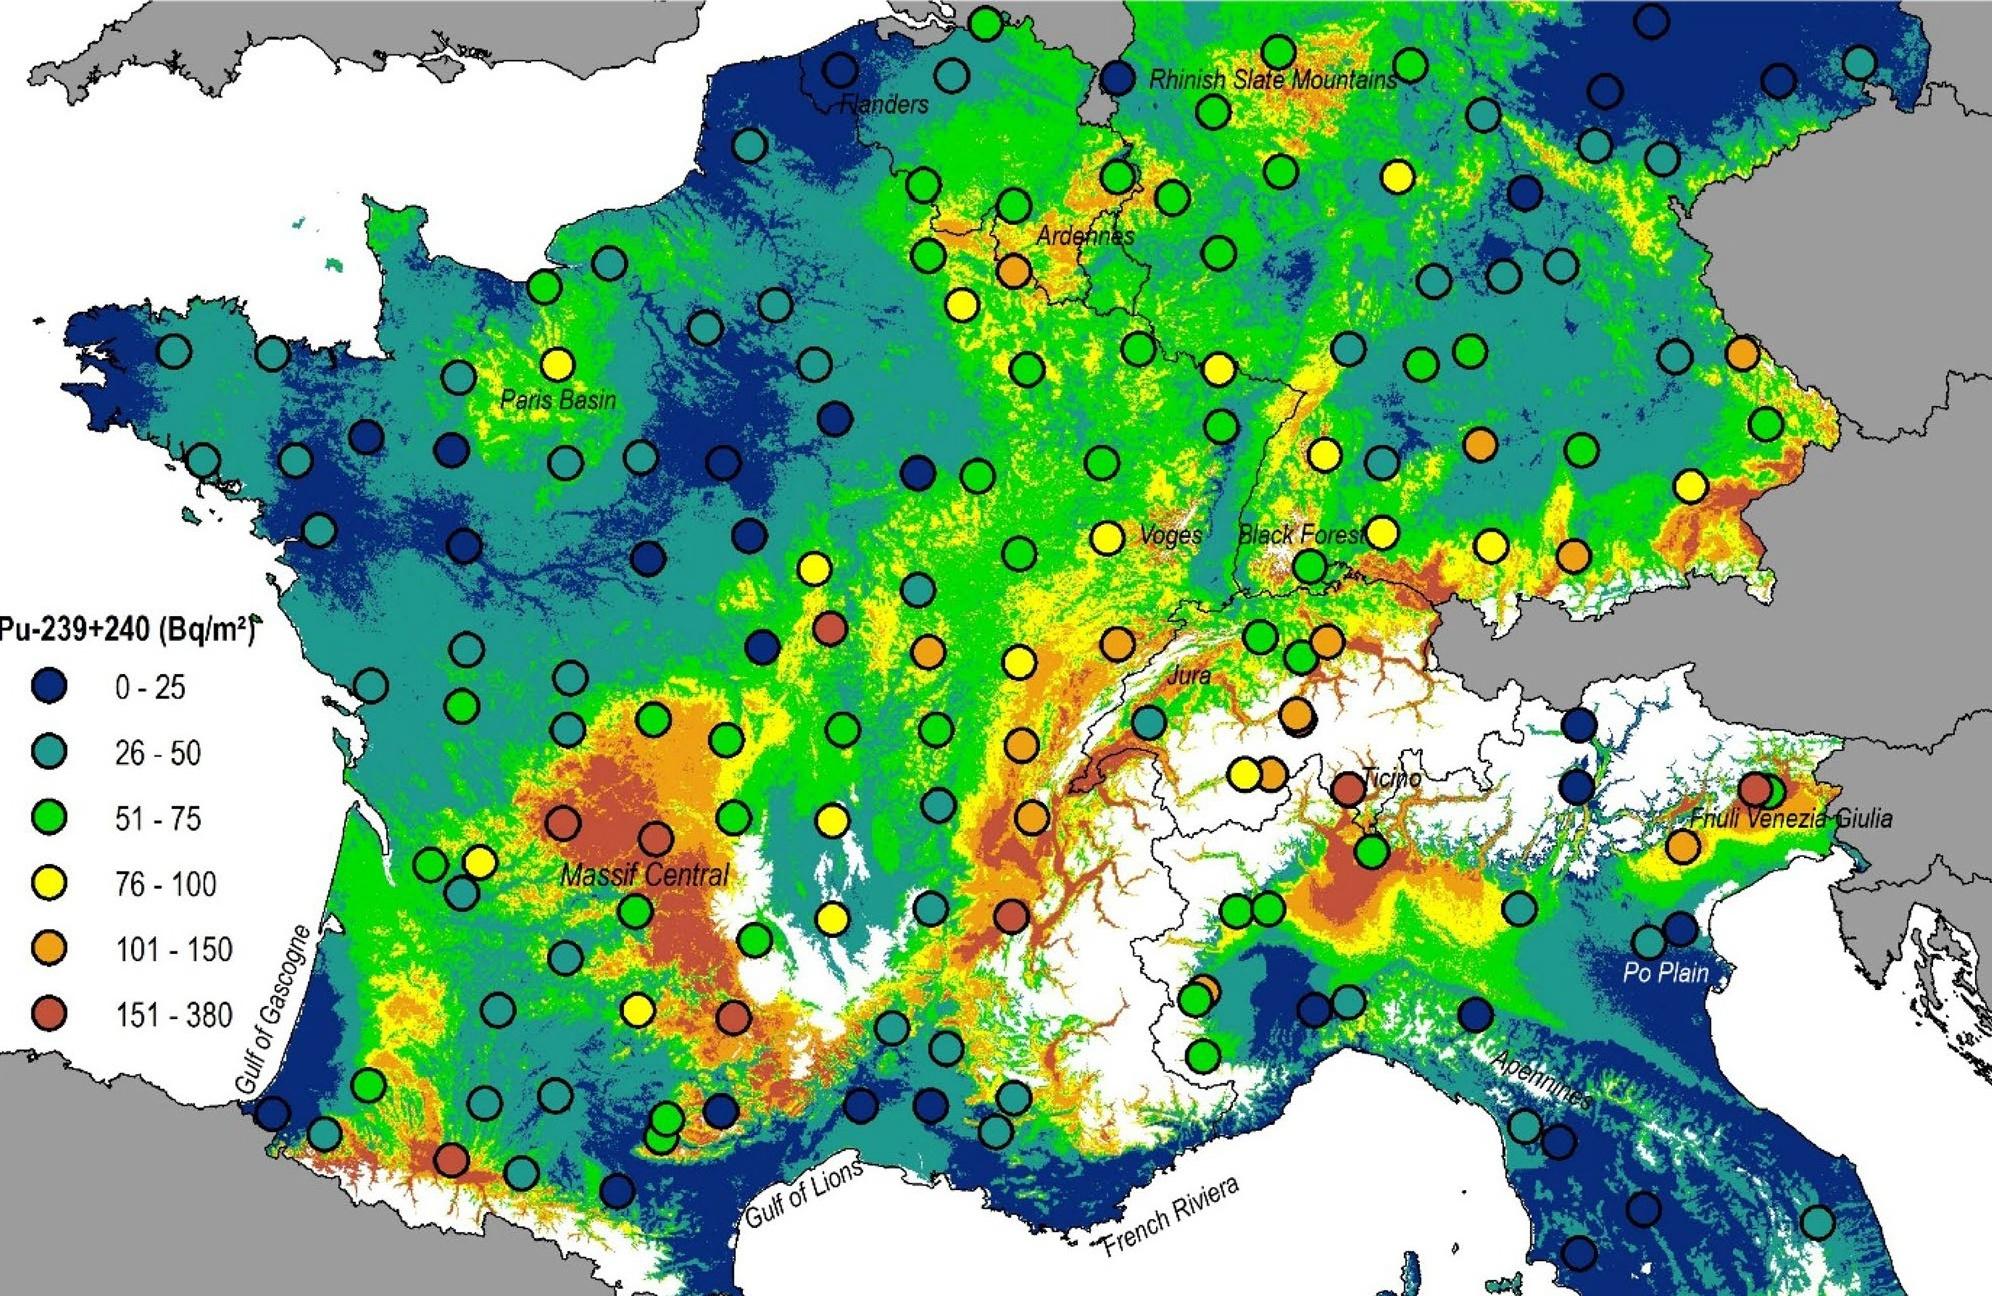 Составлена карта загрязнения Европы ядерными взрывами и радиационными авариями